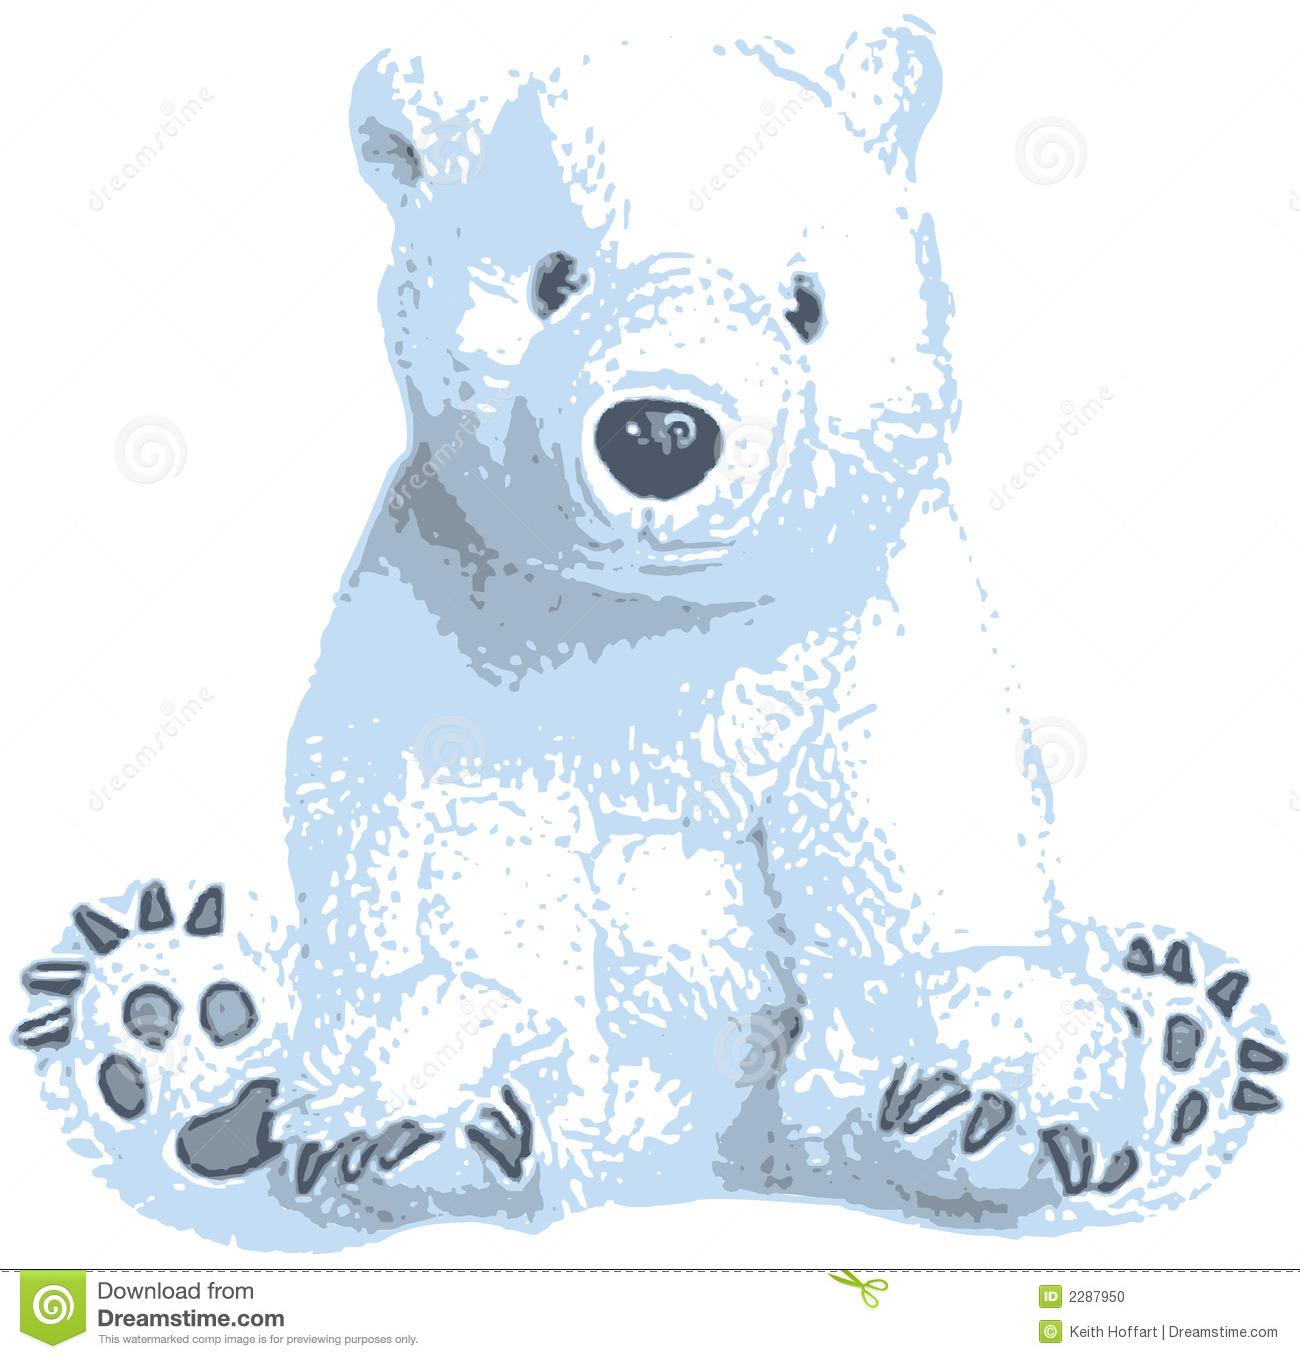 clipart gratuit ours polaire - photo #3